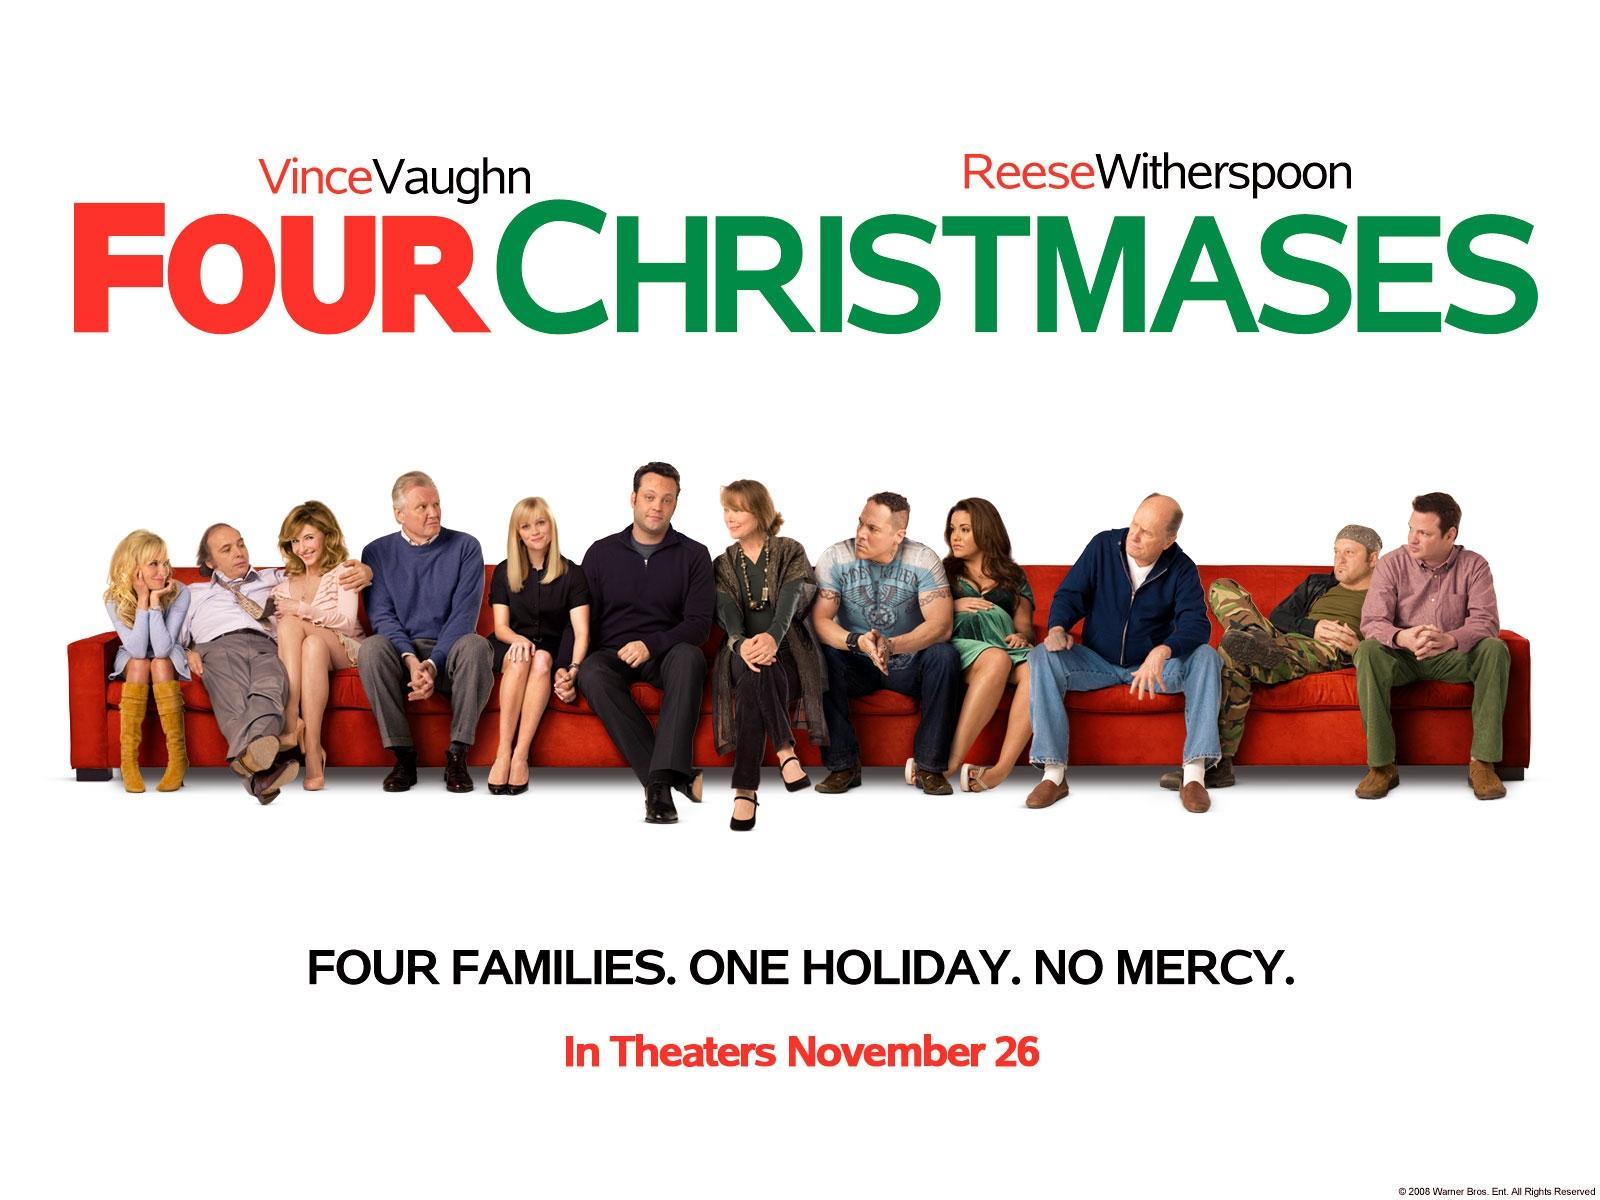 Обои для рабочего стола Четыре Рождества кино Фильмы